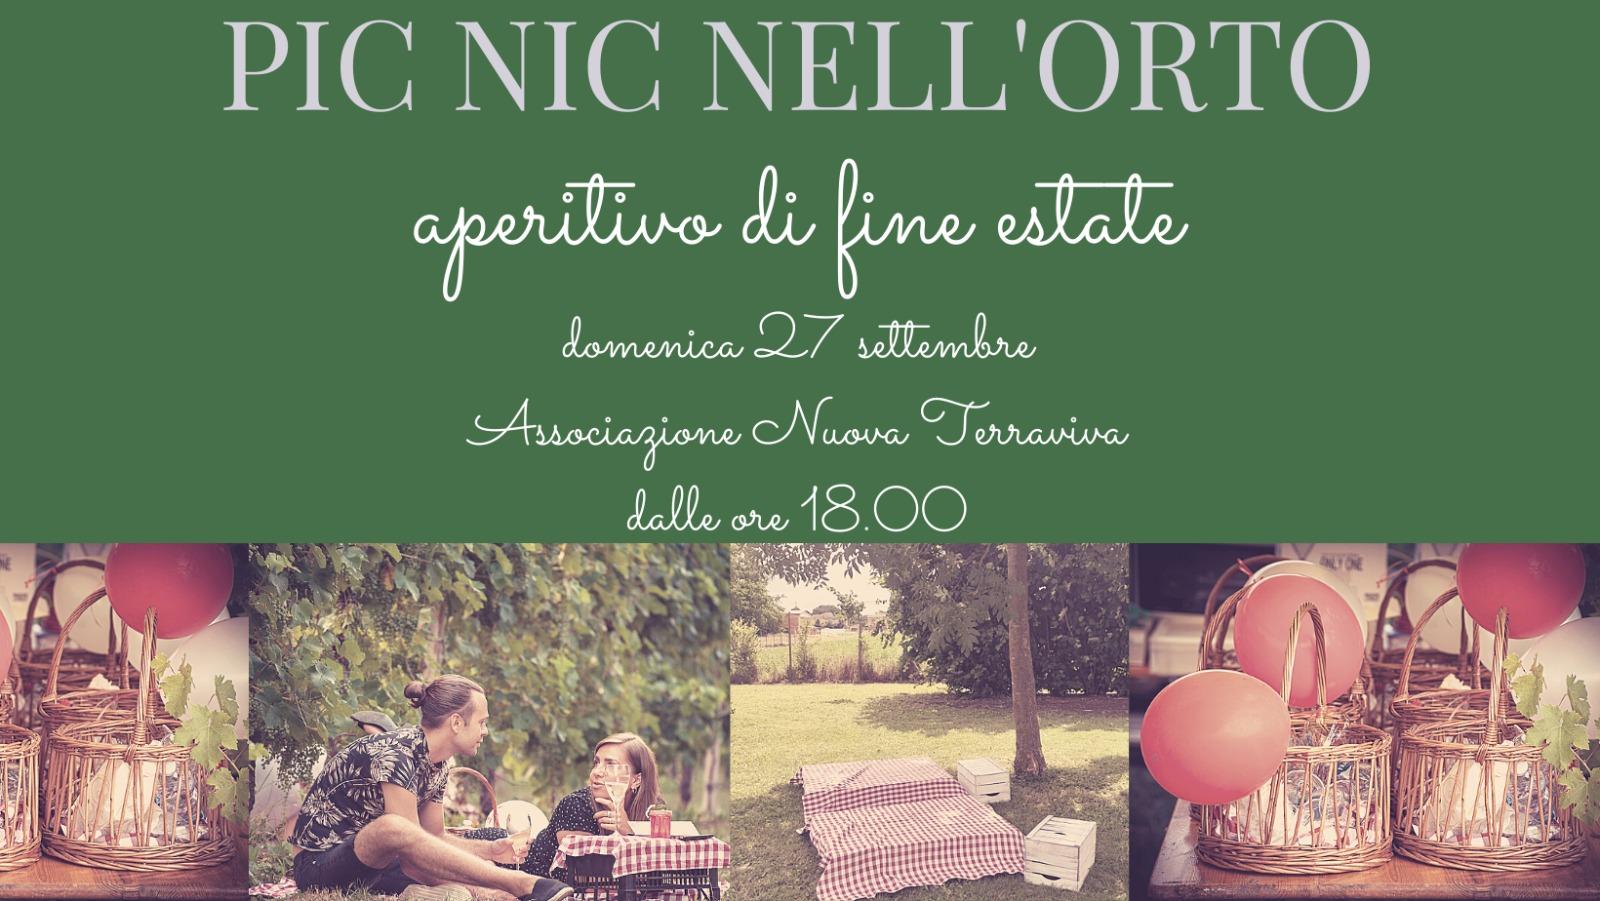 PIC NIC NELL'ORTO @ Associazione Nuova Terraviva | Ferrara | Emilia-Romagna | Italia